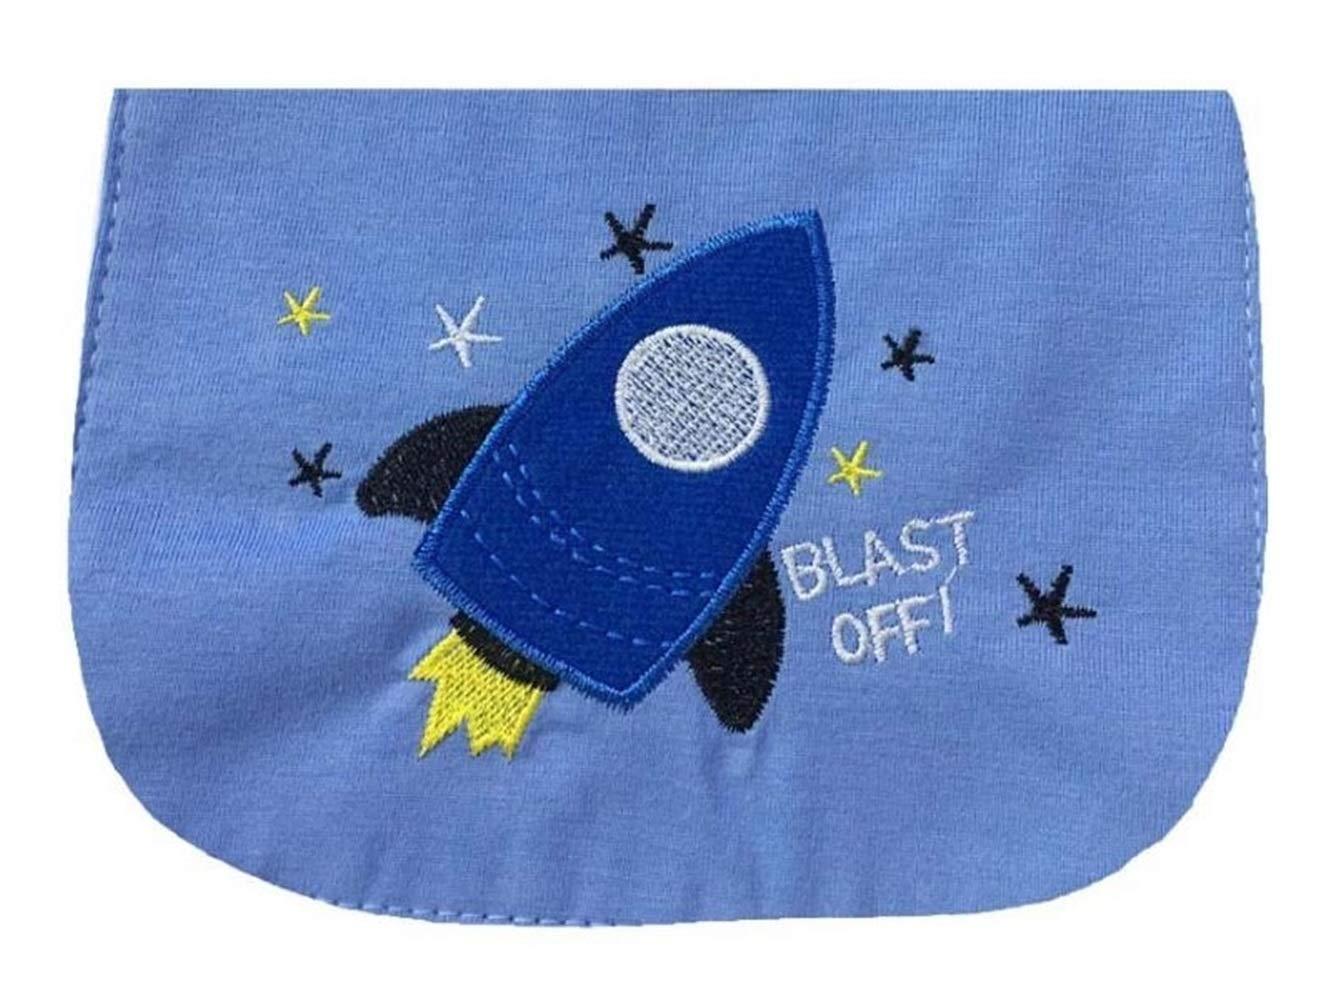 HGJNGHBNG Baño de bebe Rocket bordado sudor absorbente toalla gasa sudor absorbente toalla para niños: Amazon.es: Bebé